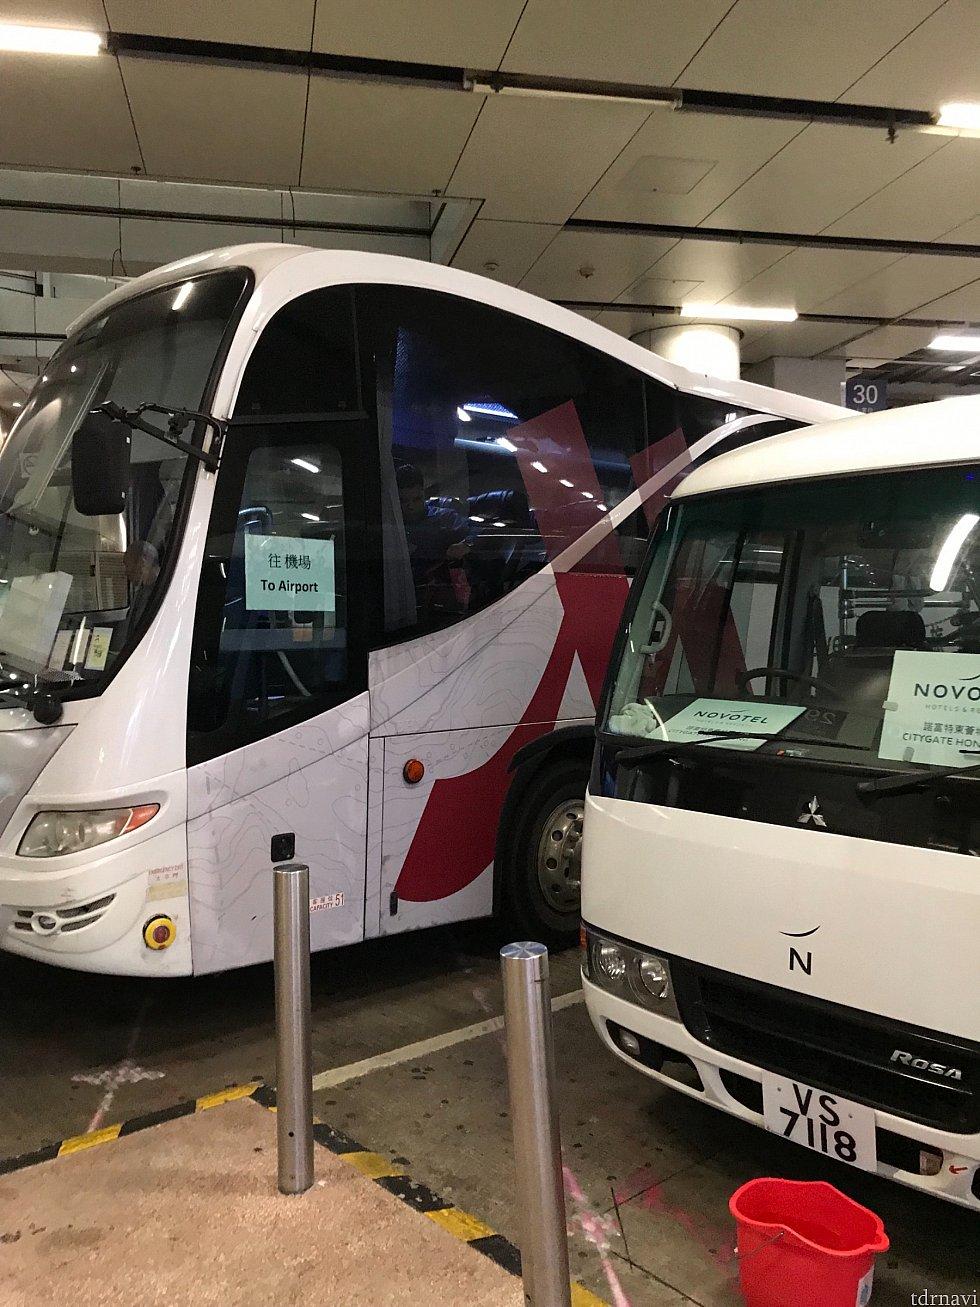 空港から無料送迎バスがあるのは、ありがたいです。 空港からタクシー利用ですと50.5HK$でした!